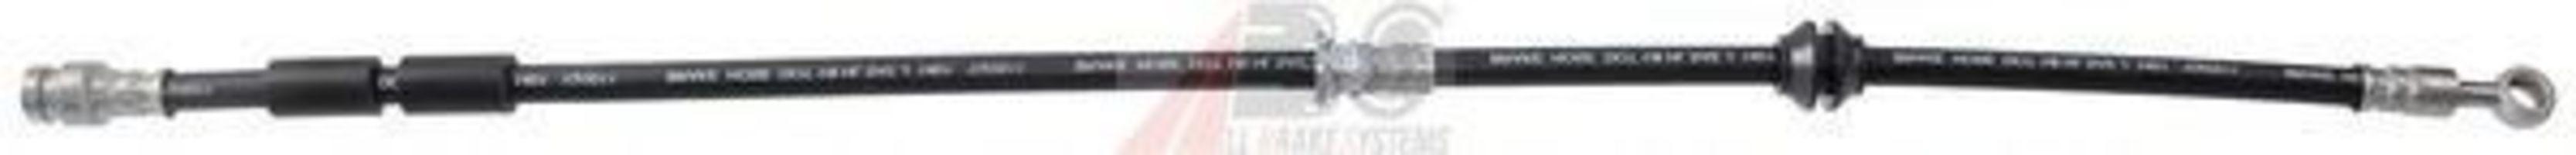 Шланг тормозной A.B.S. SL 6216